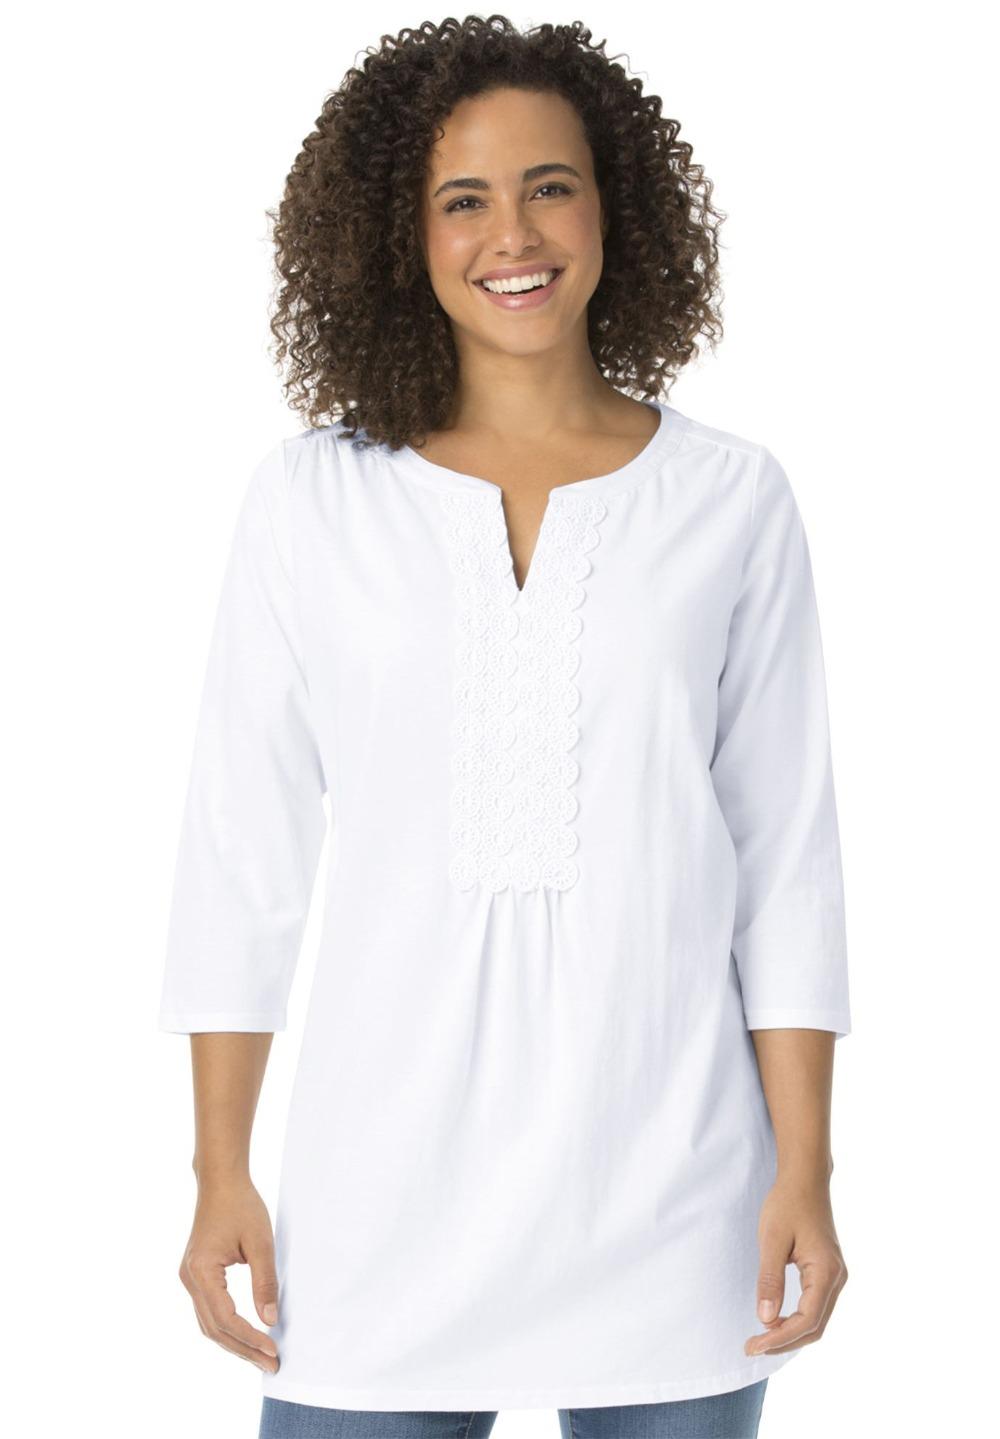 L 9XL Women Plus Size Lace Long Tunic T shirt Tee Top ...